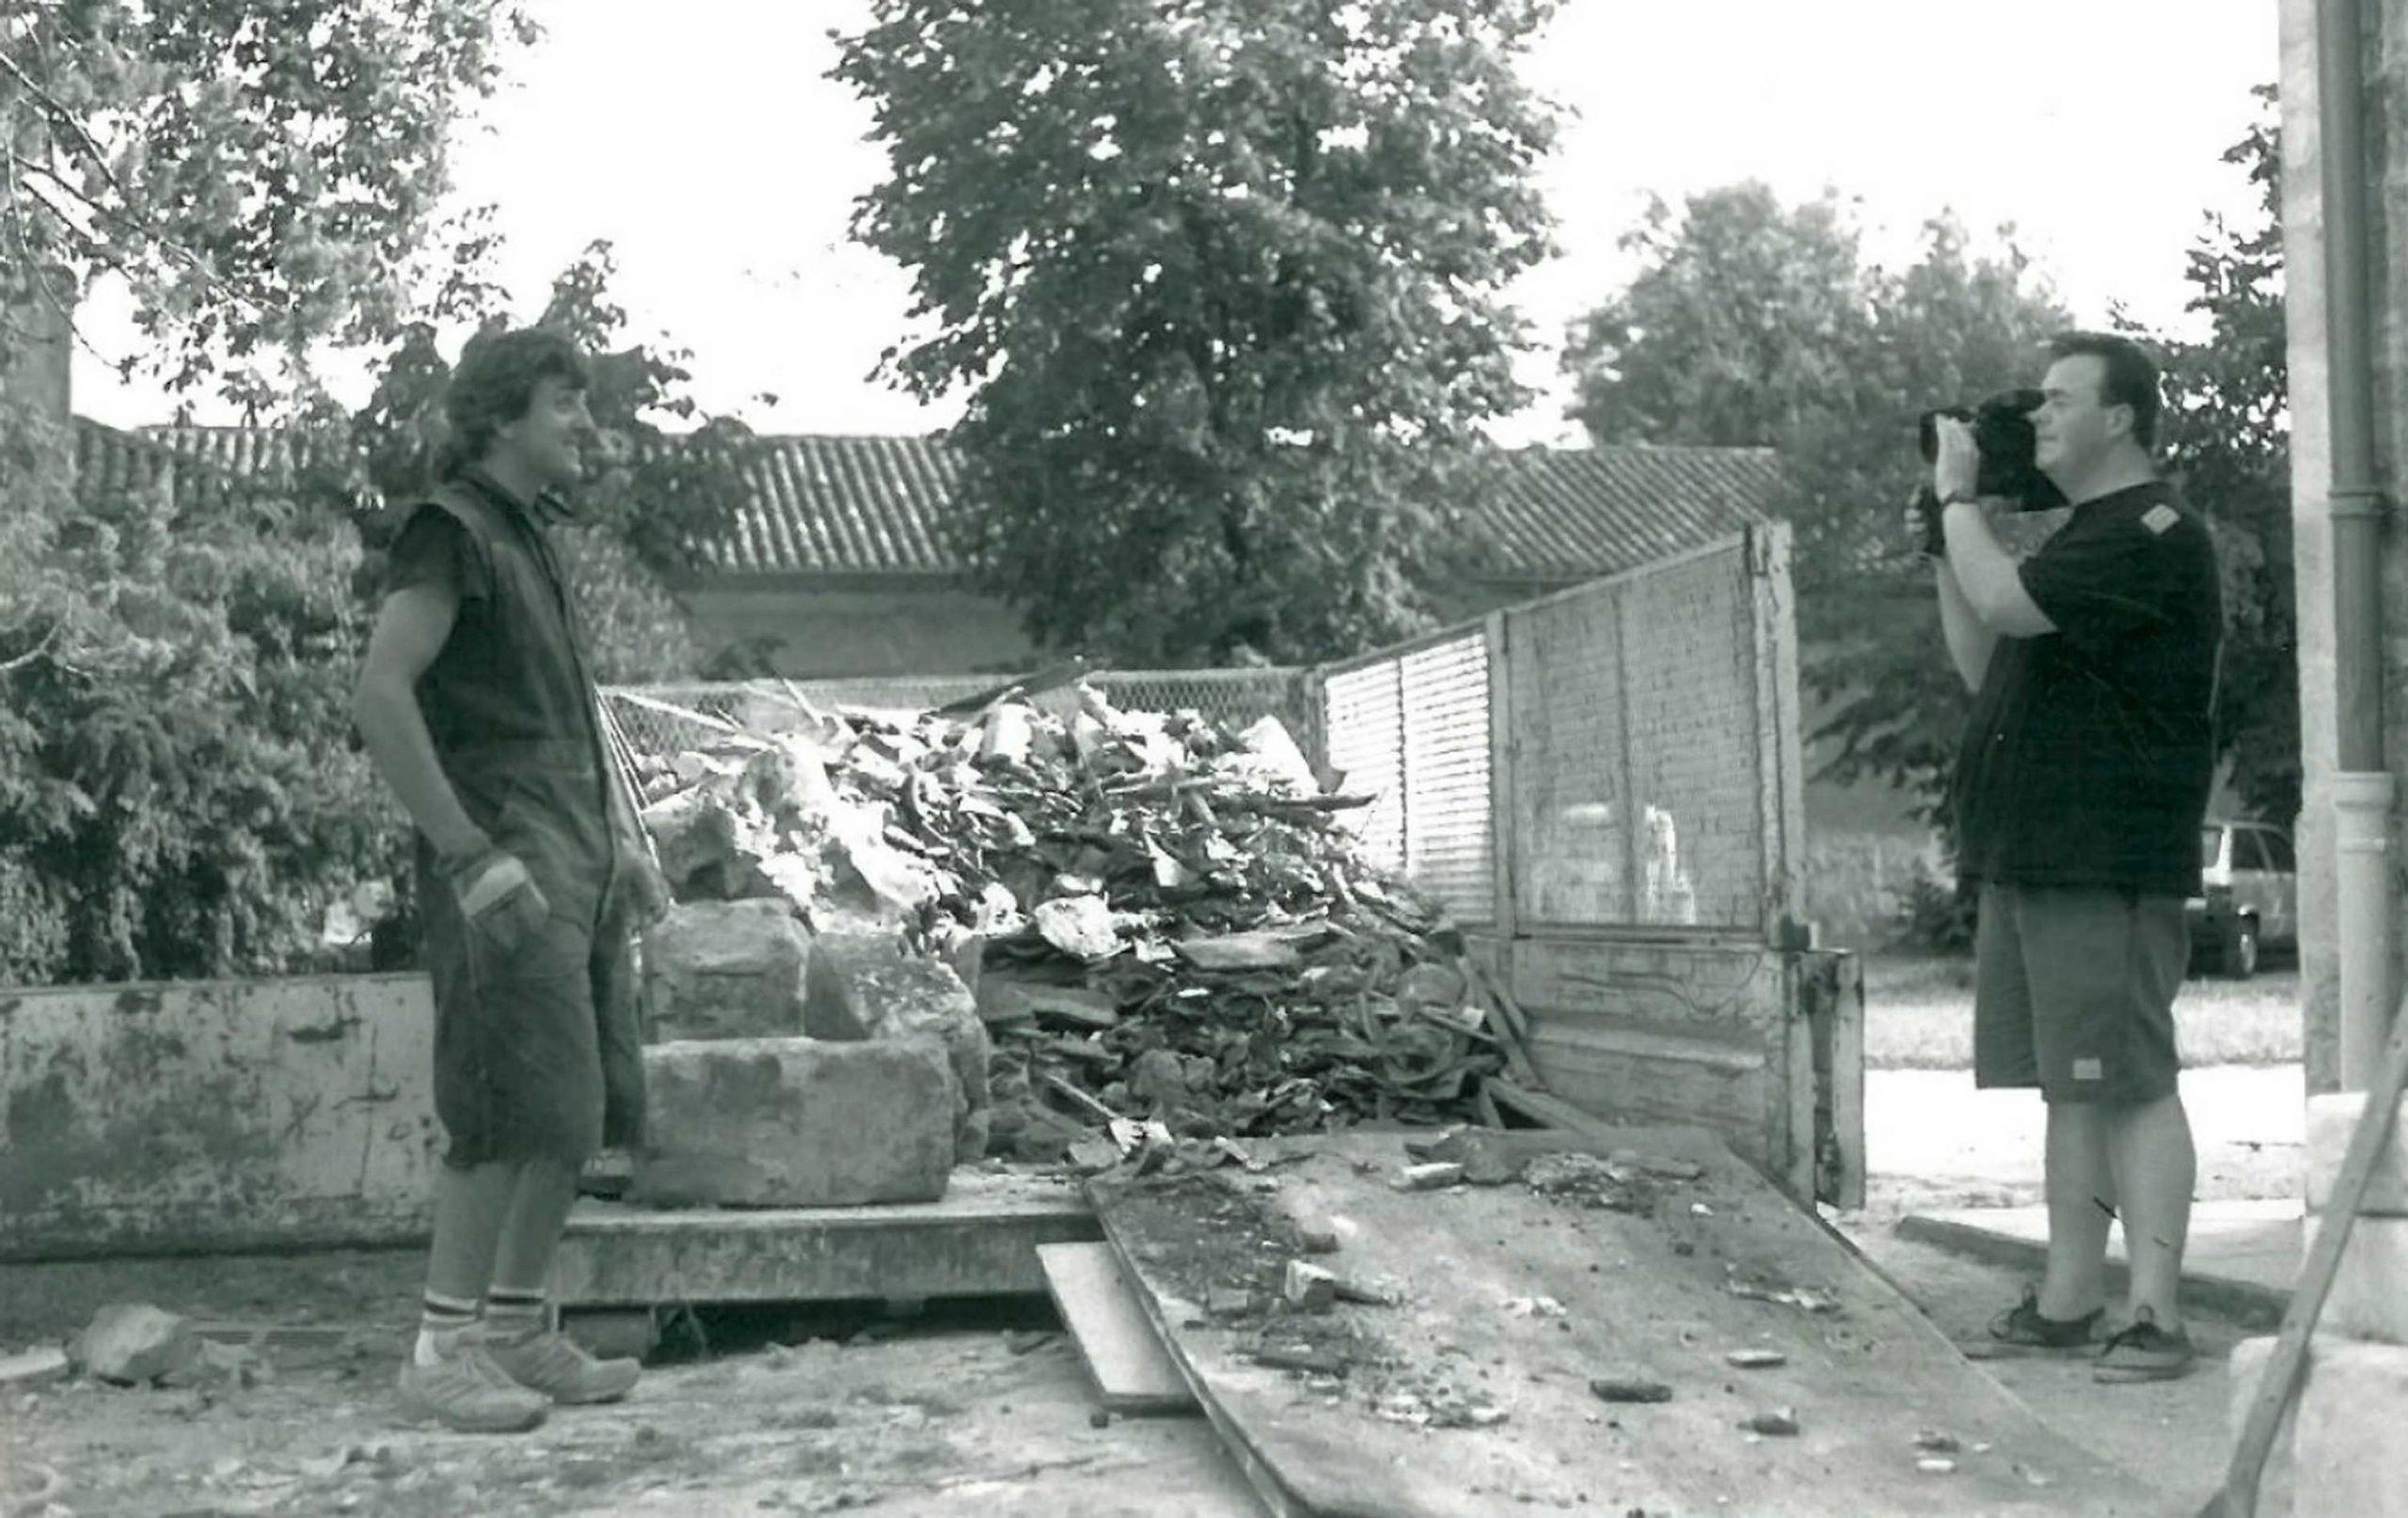 1990 : 1er  grand tournant dans le développement de Rock et Chanson avec la délocalisation du studio dans un autre bâtiment en ruines appartenant à la mairie du parc Chantecler. La mairie donne à l'association 20 000 francs prévus pour la démolition pour le projet d'un parking qui ne verra jamais le jour. <br>Toujours à la force des bras, l'équipe de R&C monte un outil de travail performant pour les groupes.